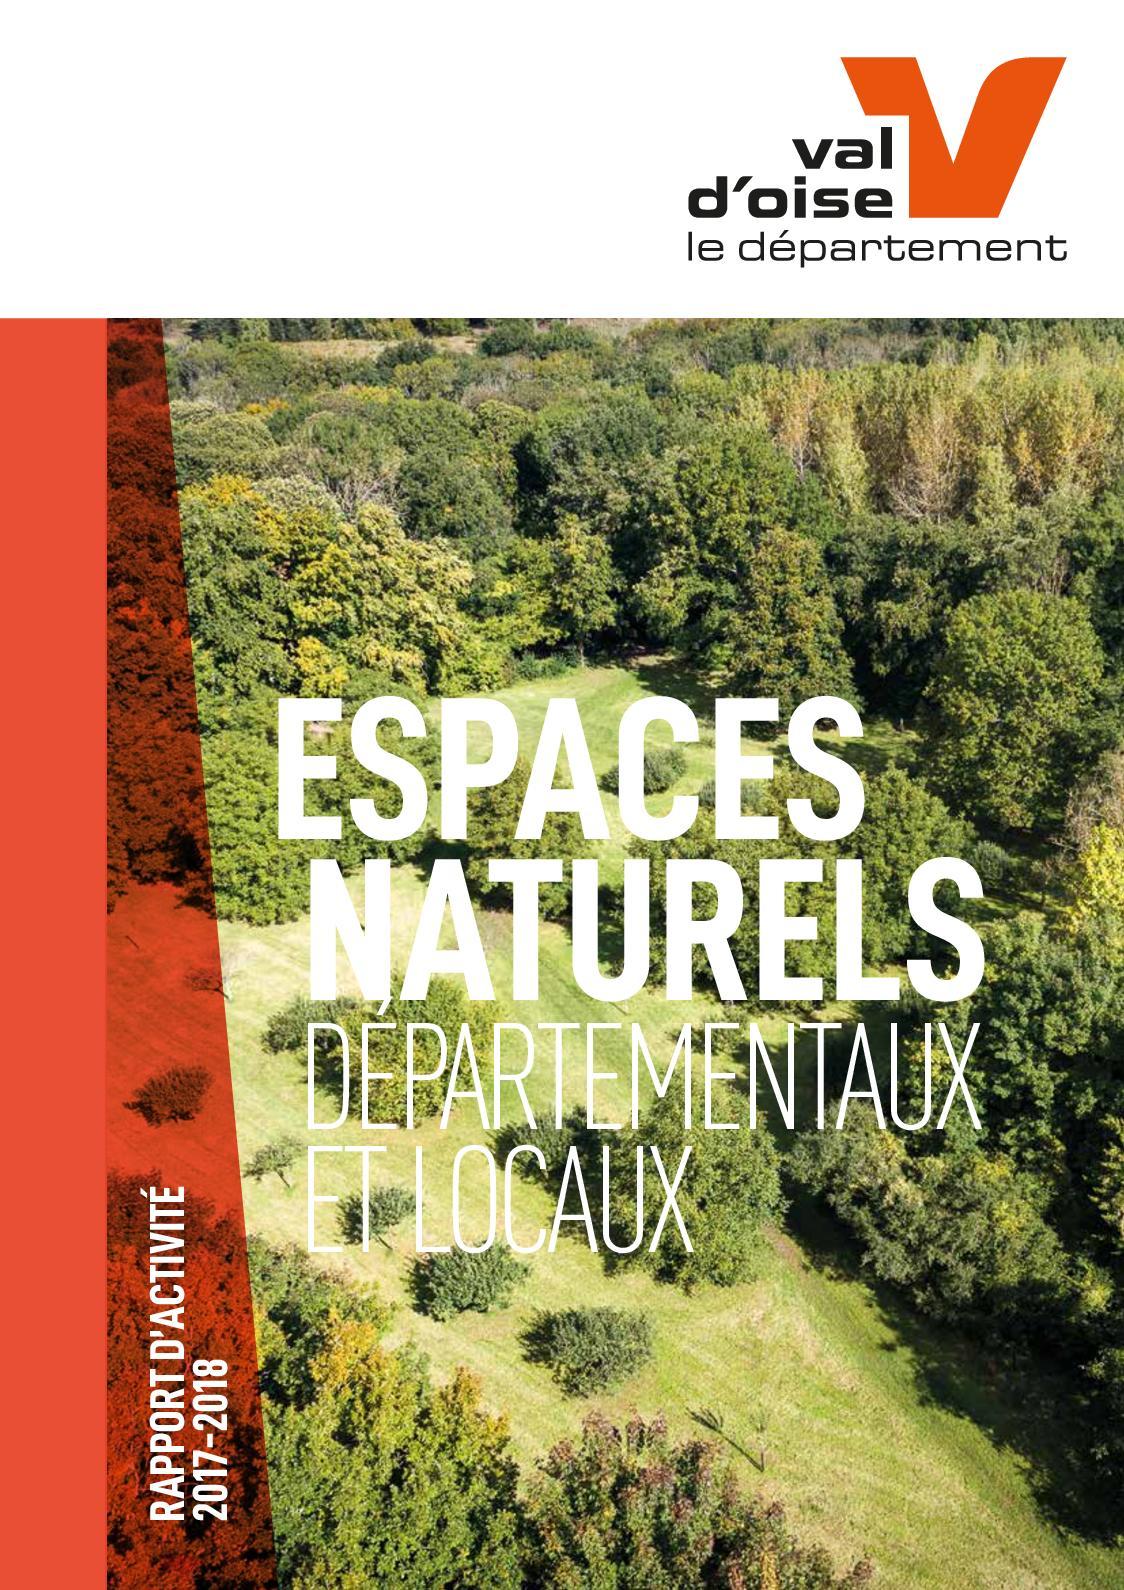 L Herbier Du Midi Produits Naturels calaméo - rapport d'activité 2017-18 espaces naturels